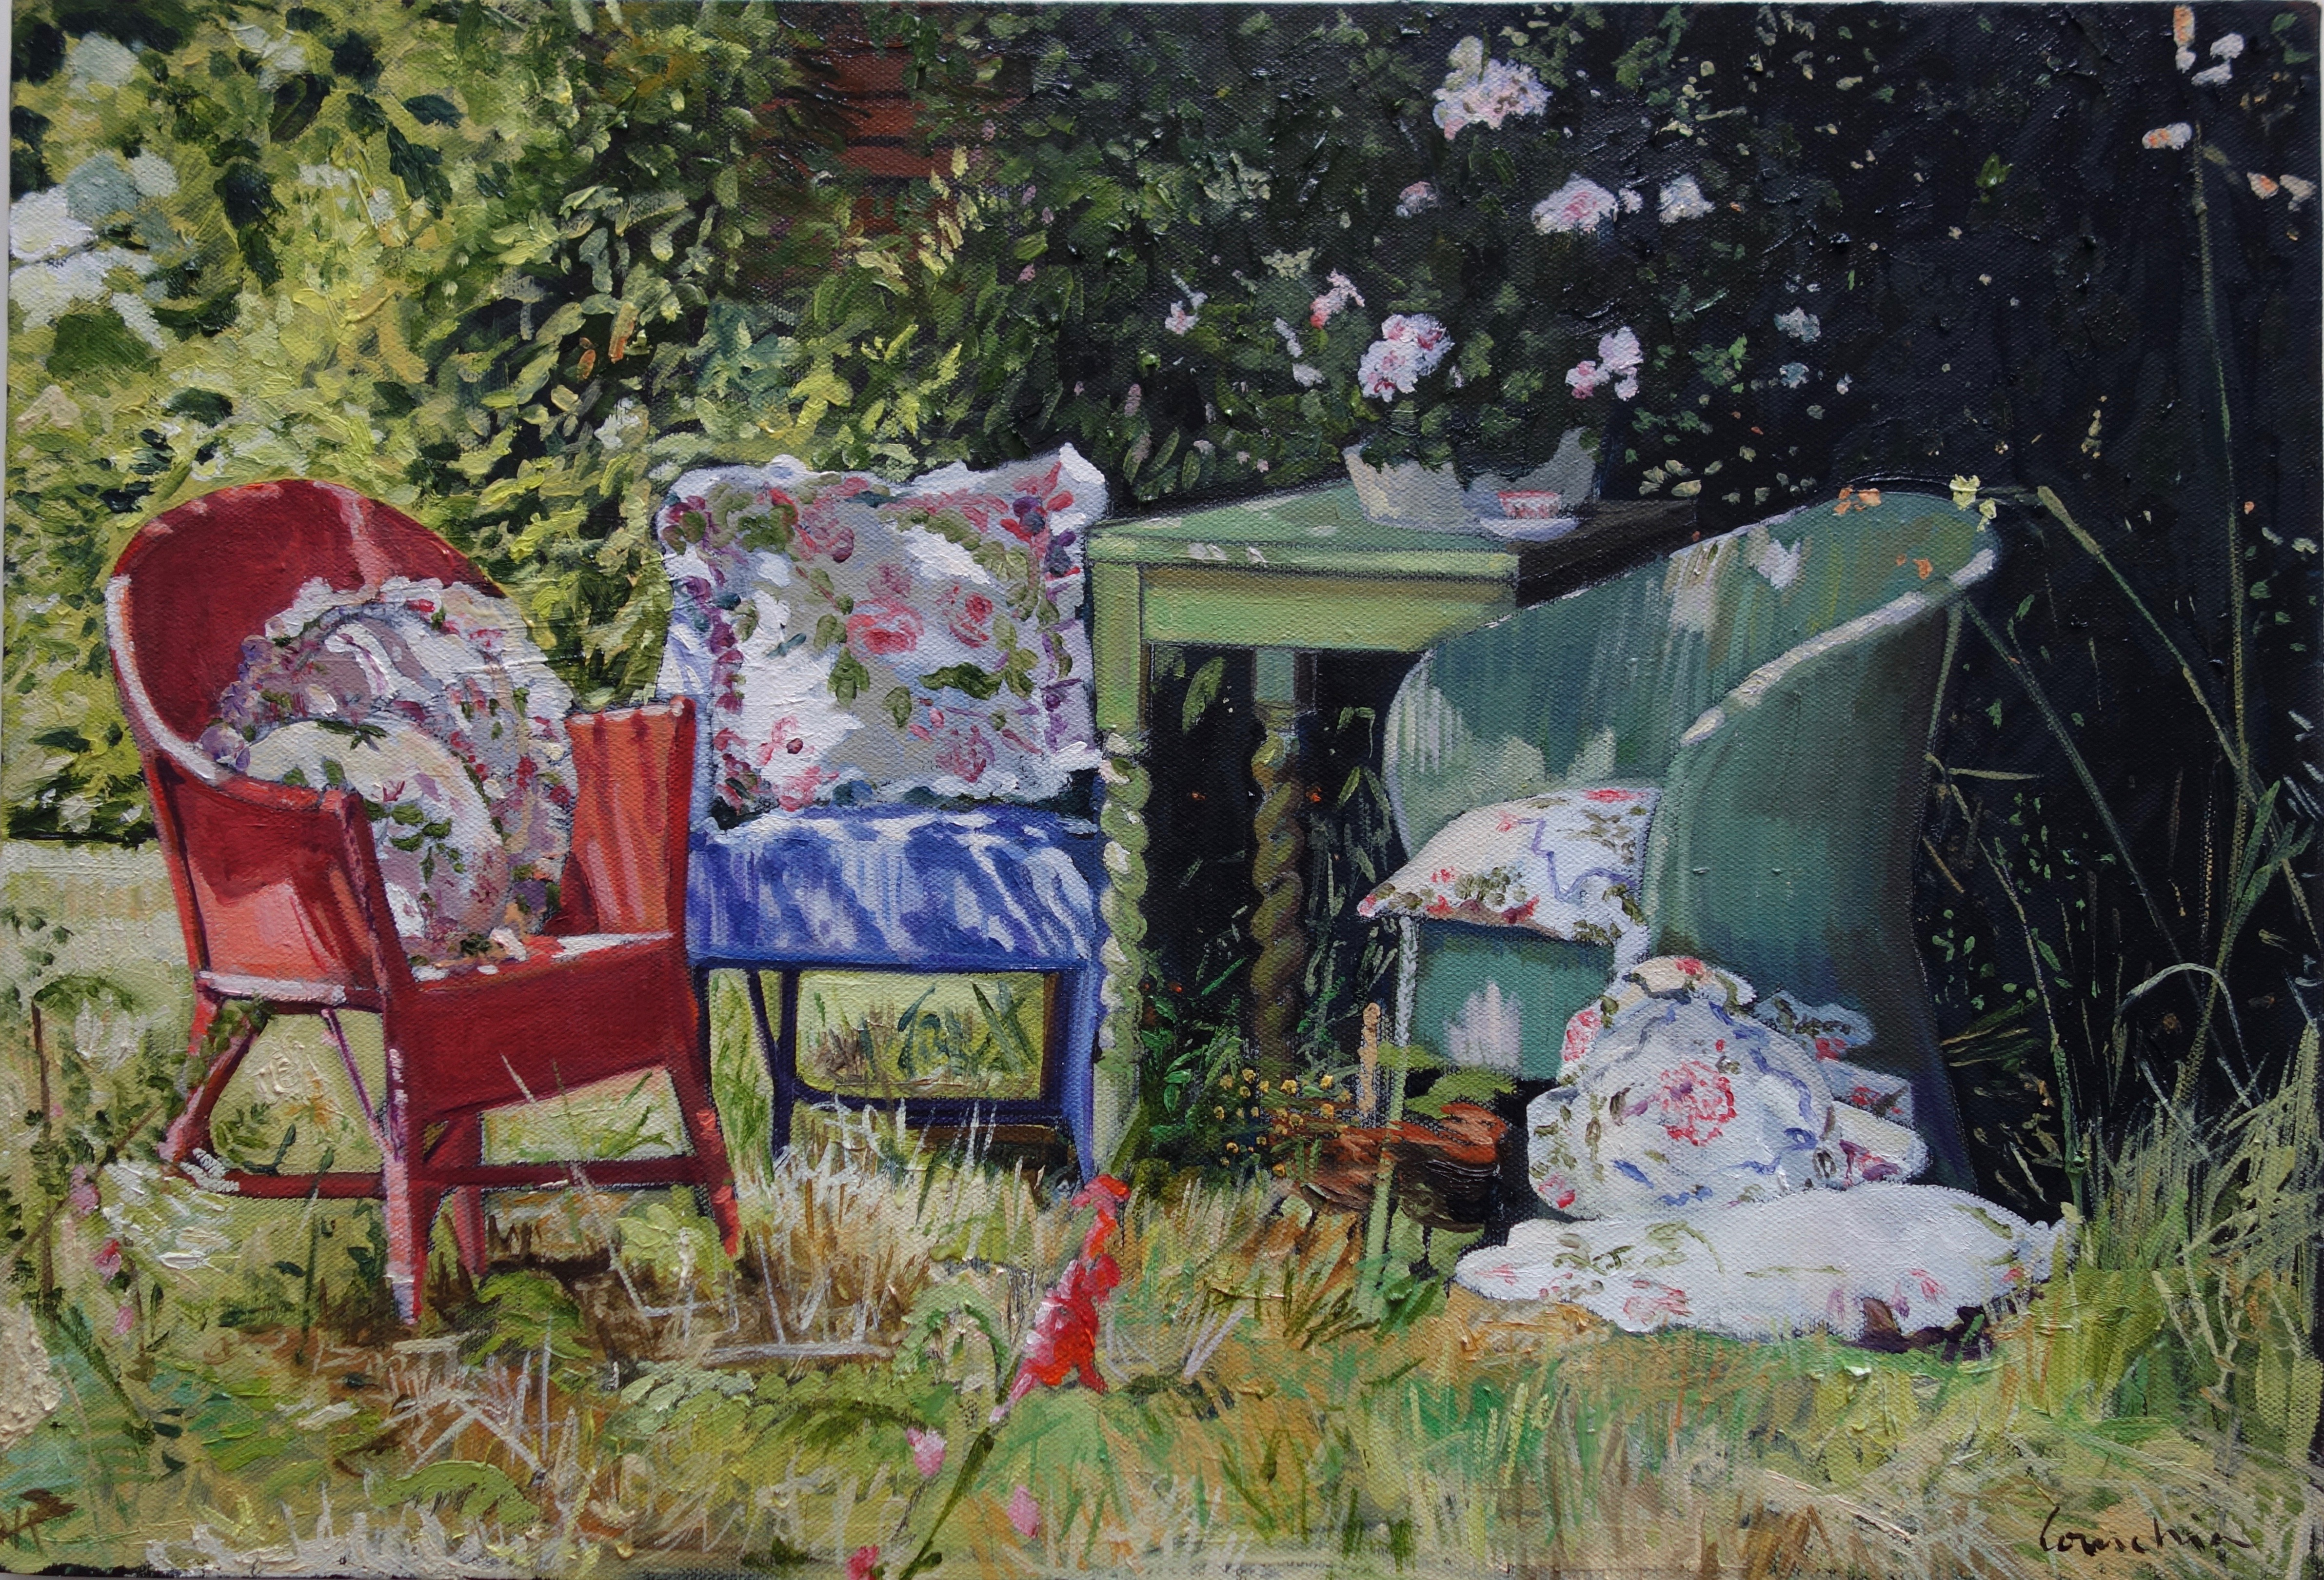 Les trois fauteuils